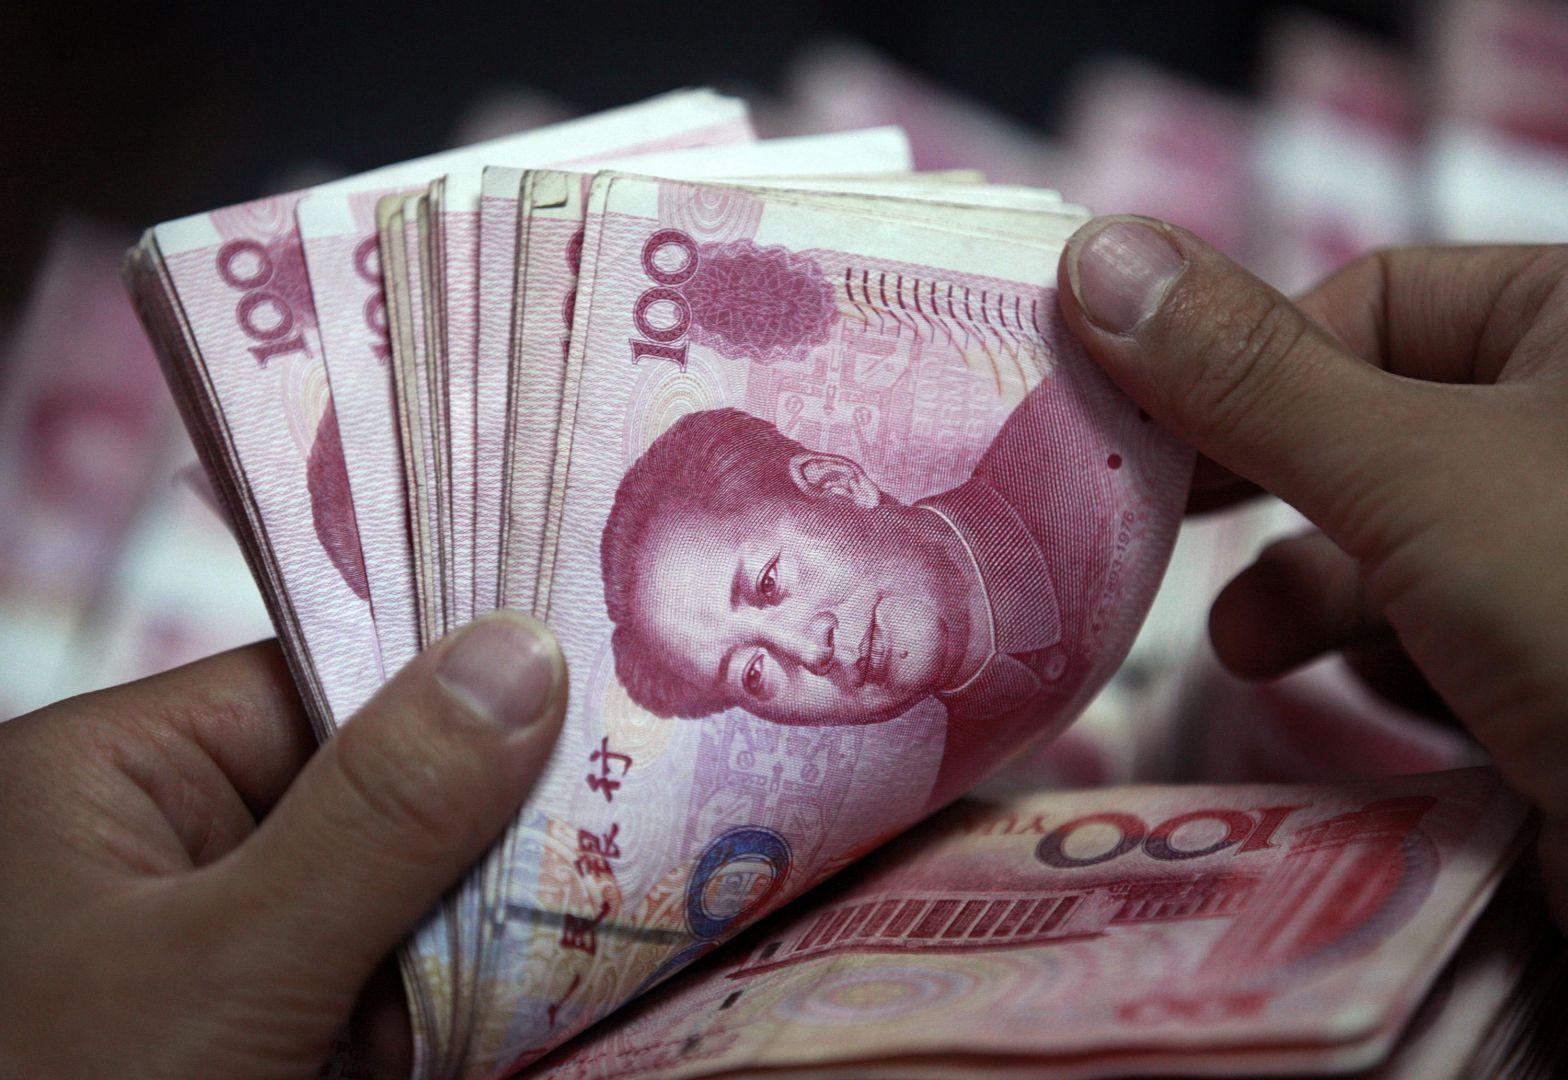 China verá un crecimiento del Producto Interno Bruto del 6.8% este año, aproximadamente medio punto porcentual menos que en 2014.